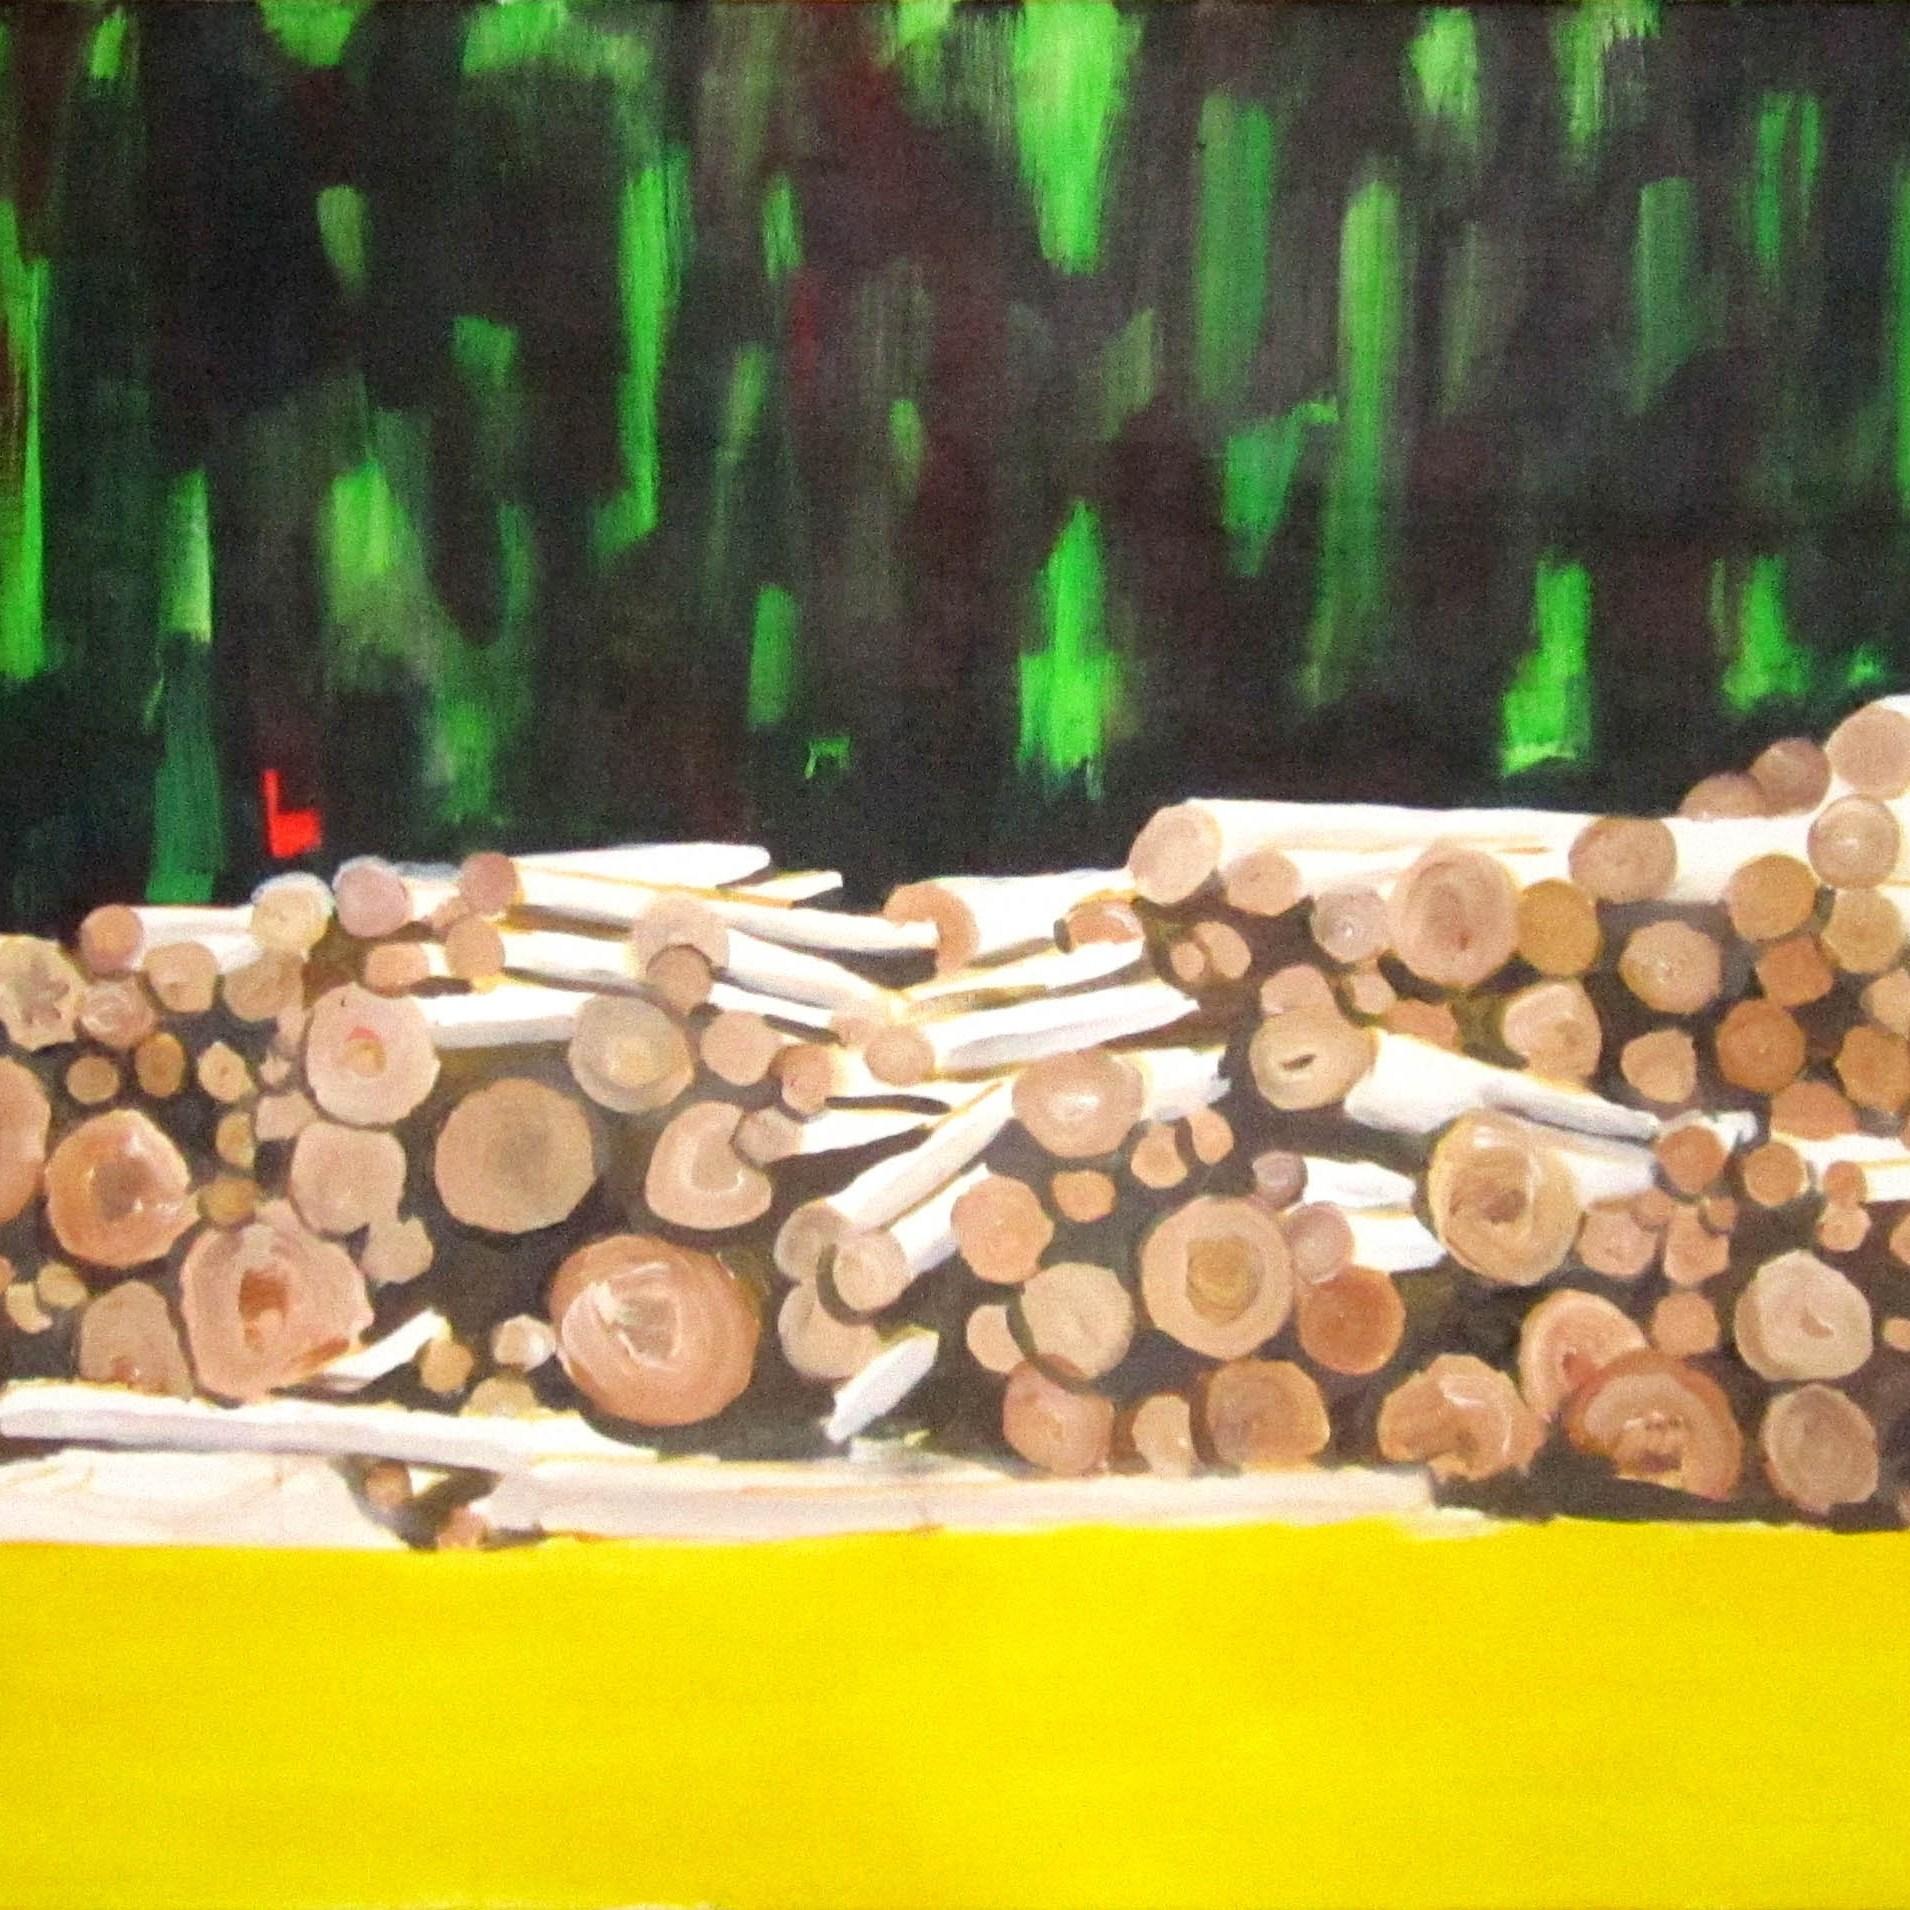 dřevo 2 / wood 2, 190x95 cm, akryl na plátně / acrylic on canvas, 2013